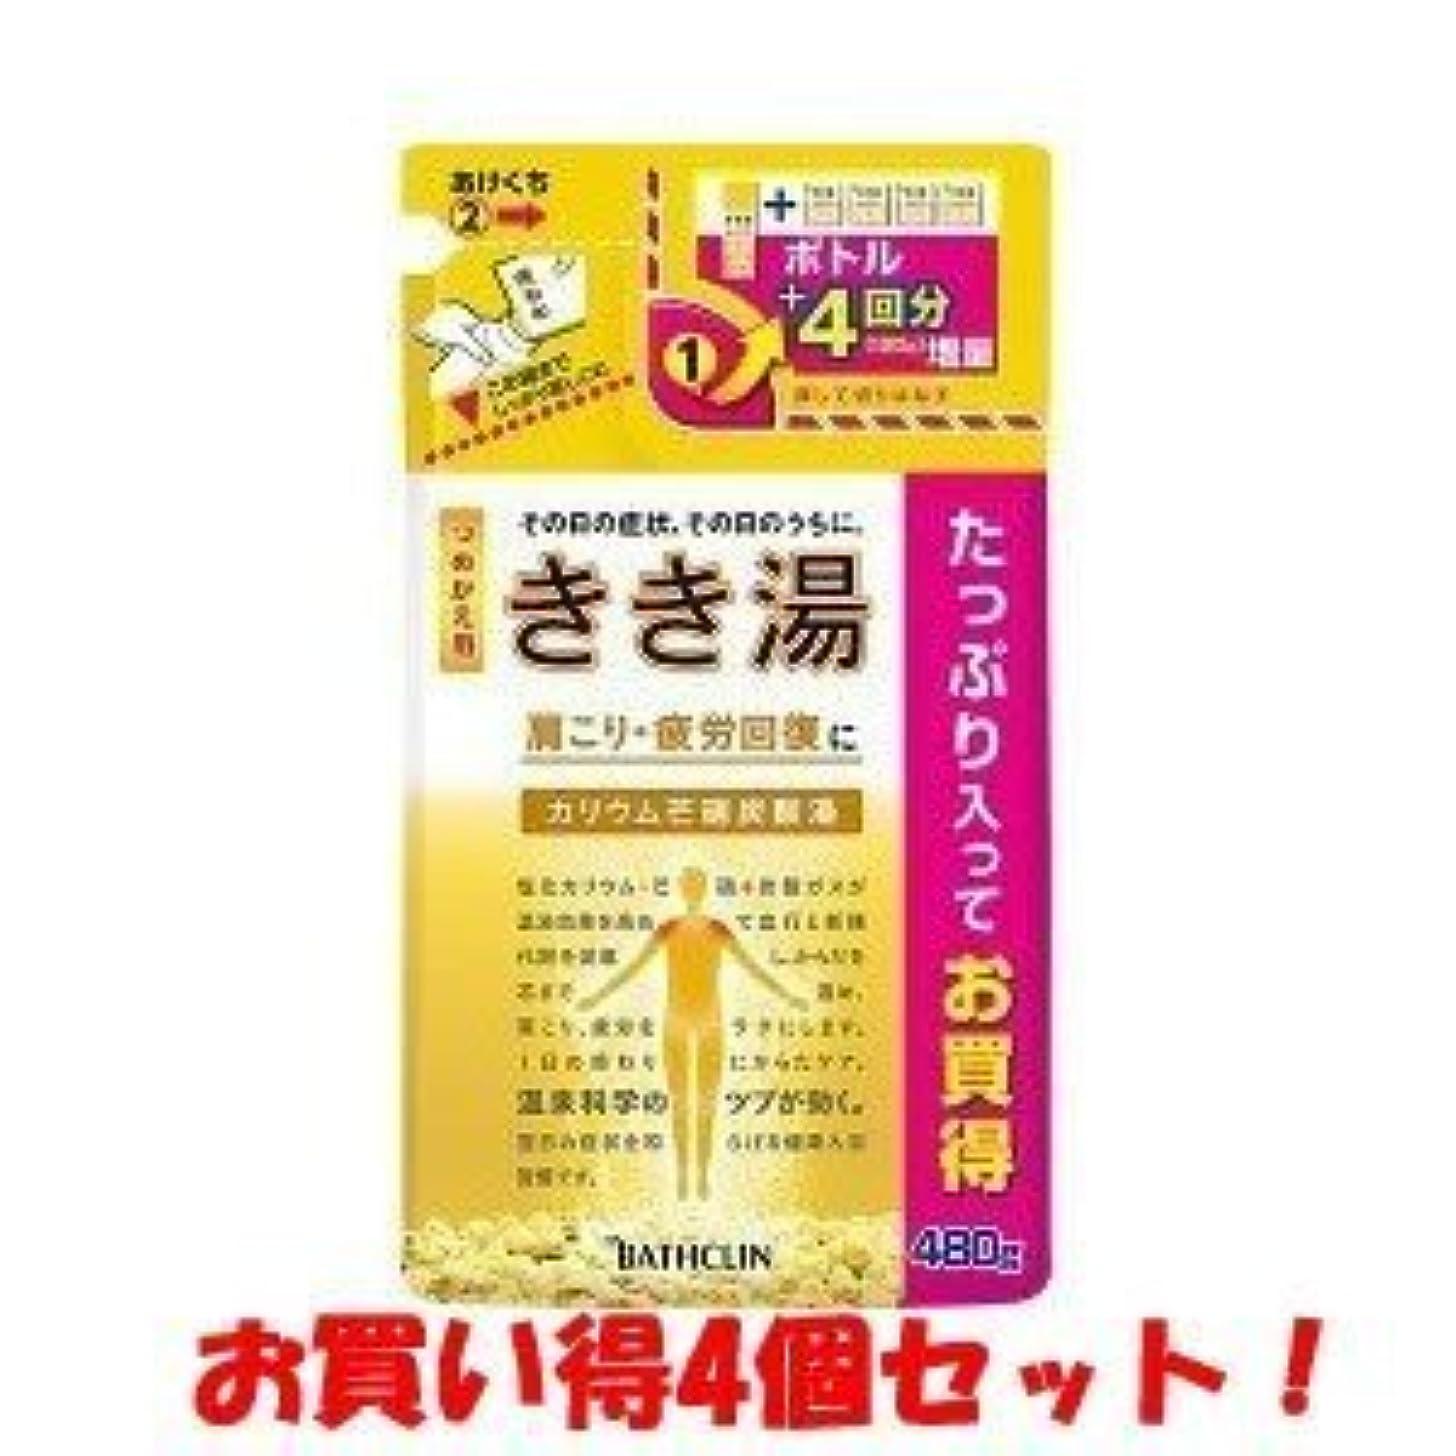 戻すブランクレオナルドダ(バスクリン)きき湯 カリウム芒硝炭酸湯 つめかえ用 480g(医薬部外品)(お買い得4個セット)